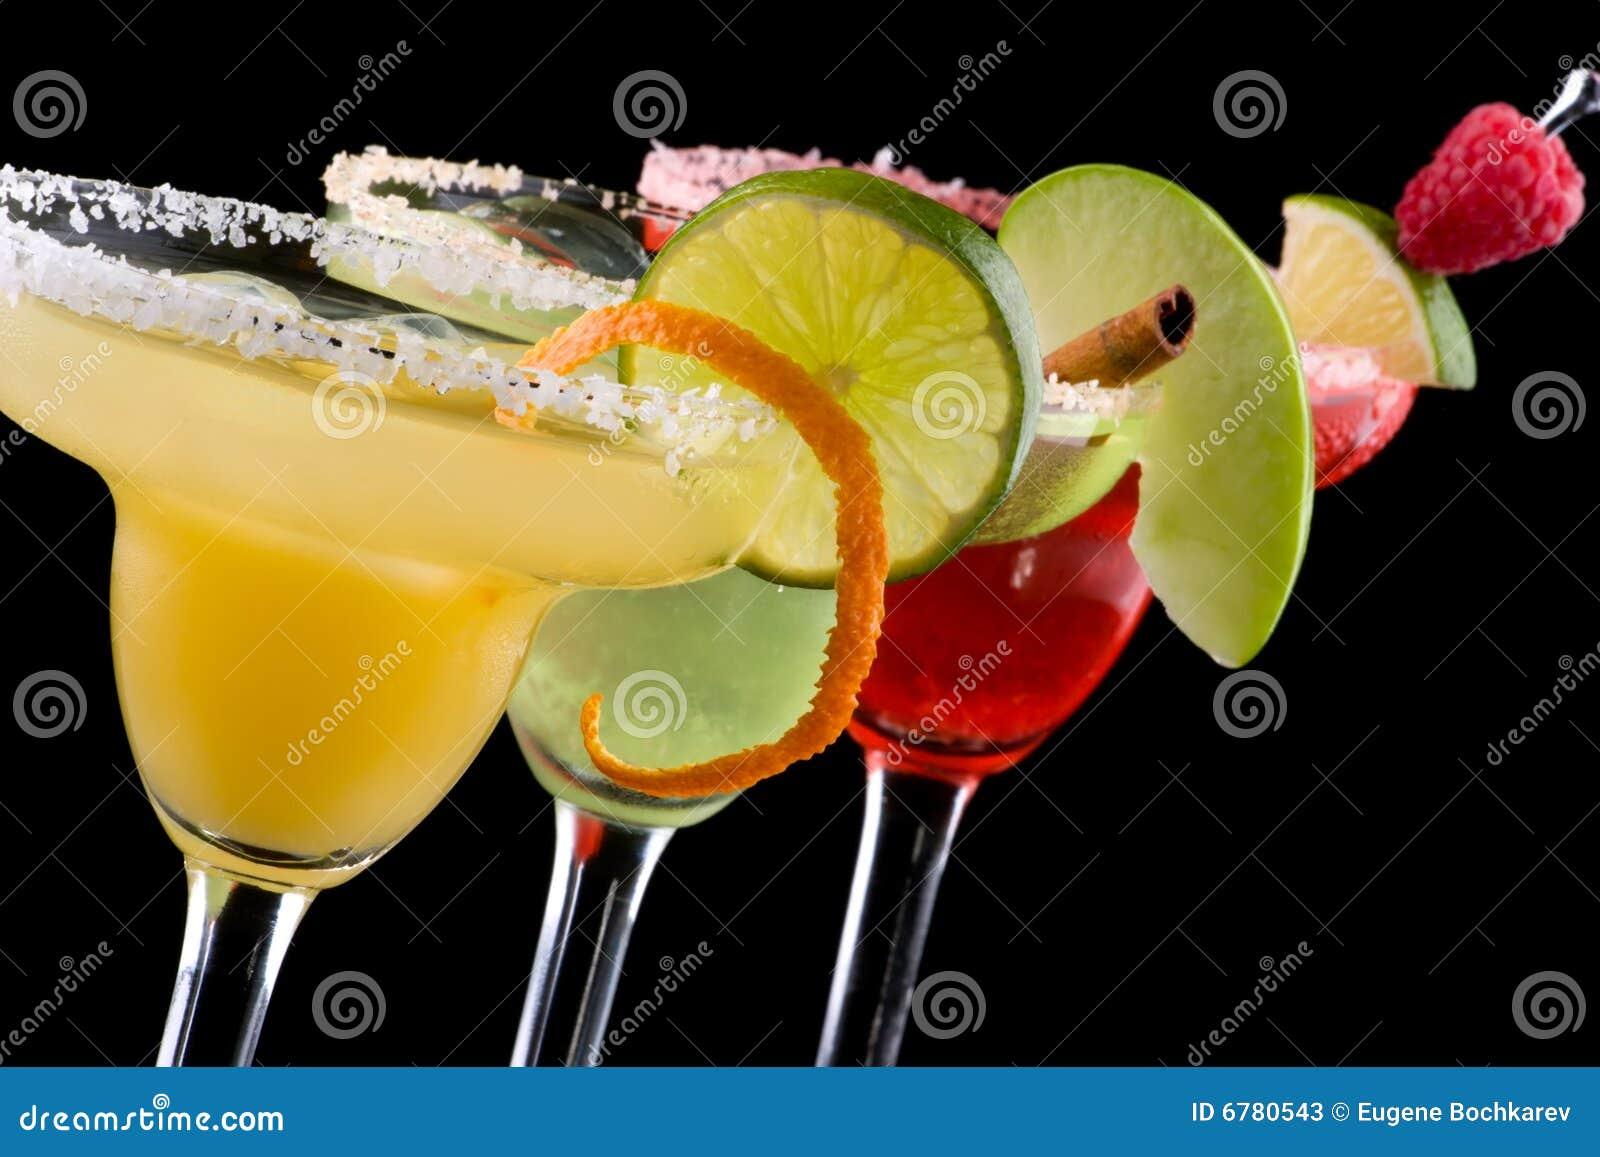 Margaritas - la plupart des série populaire de cocktails